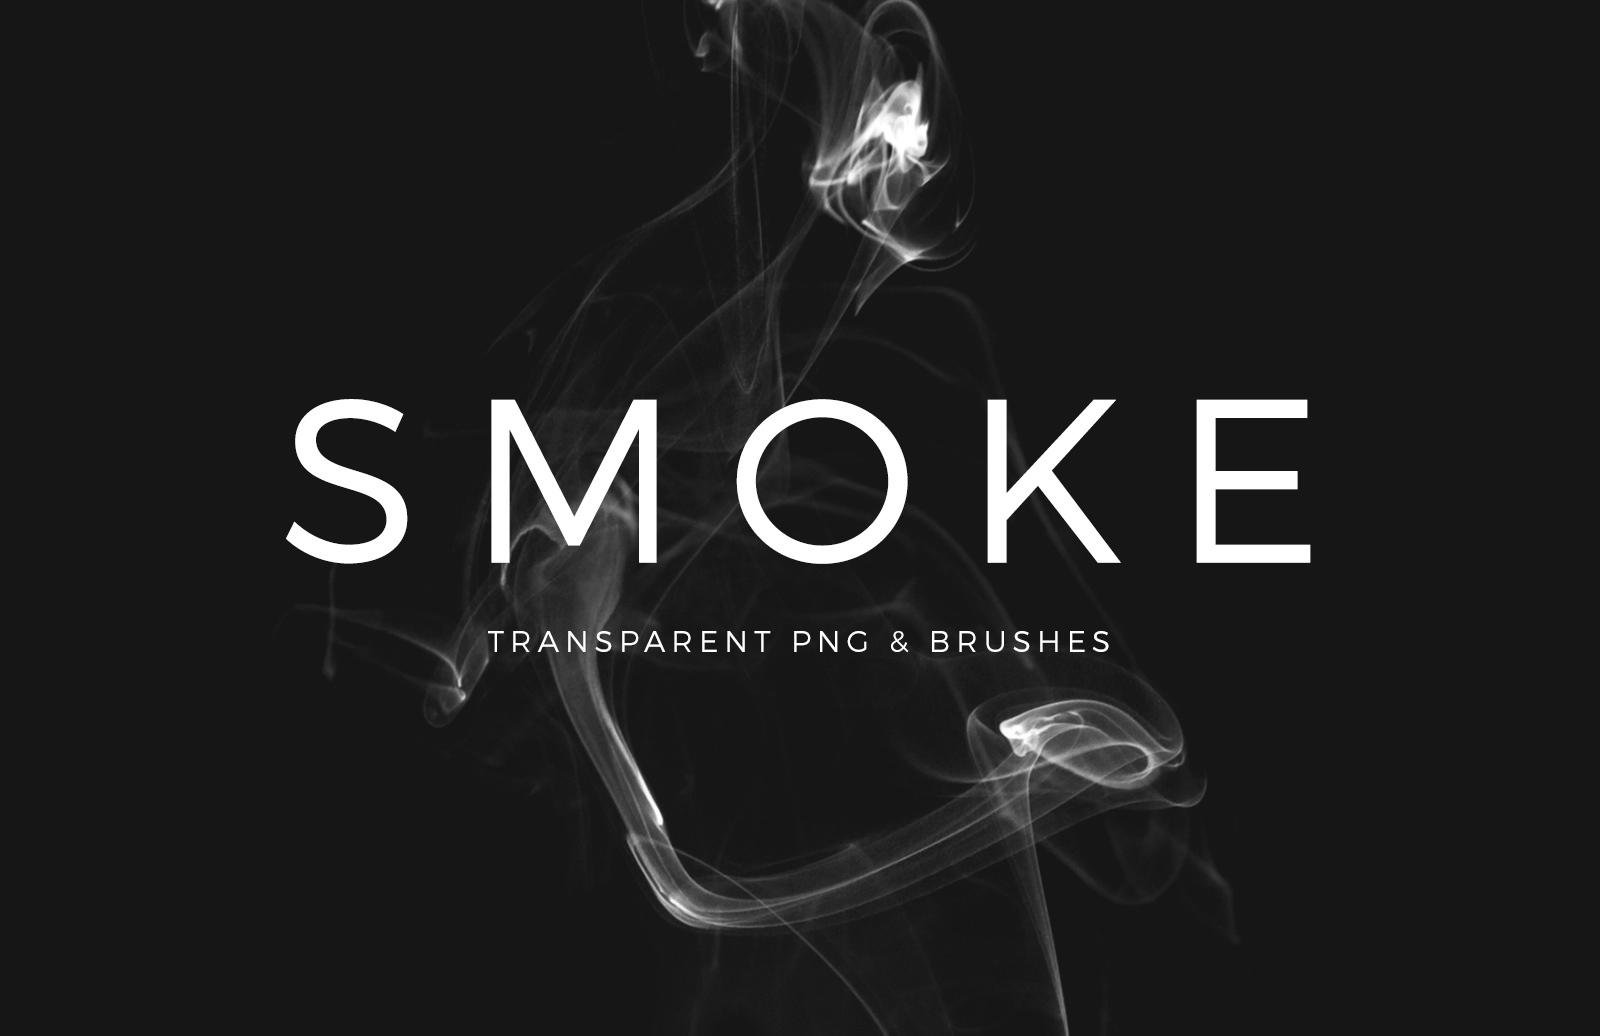 Smoke Transparent PNG & Brushes